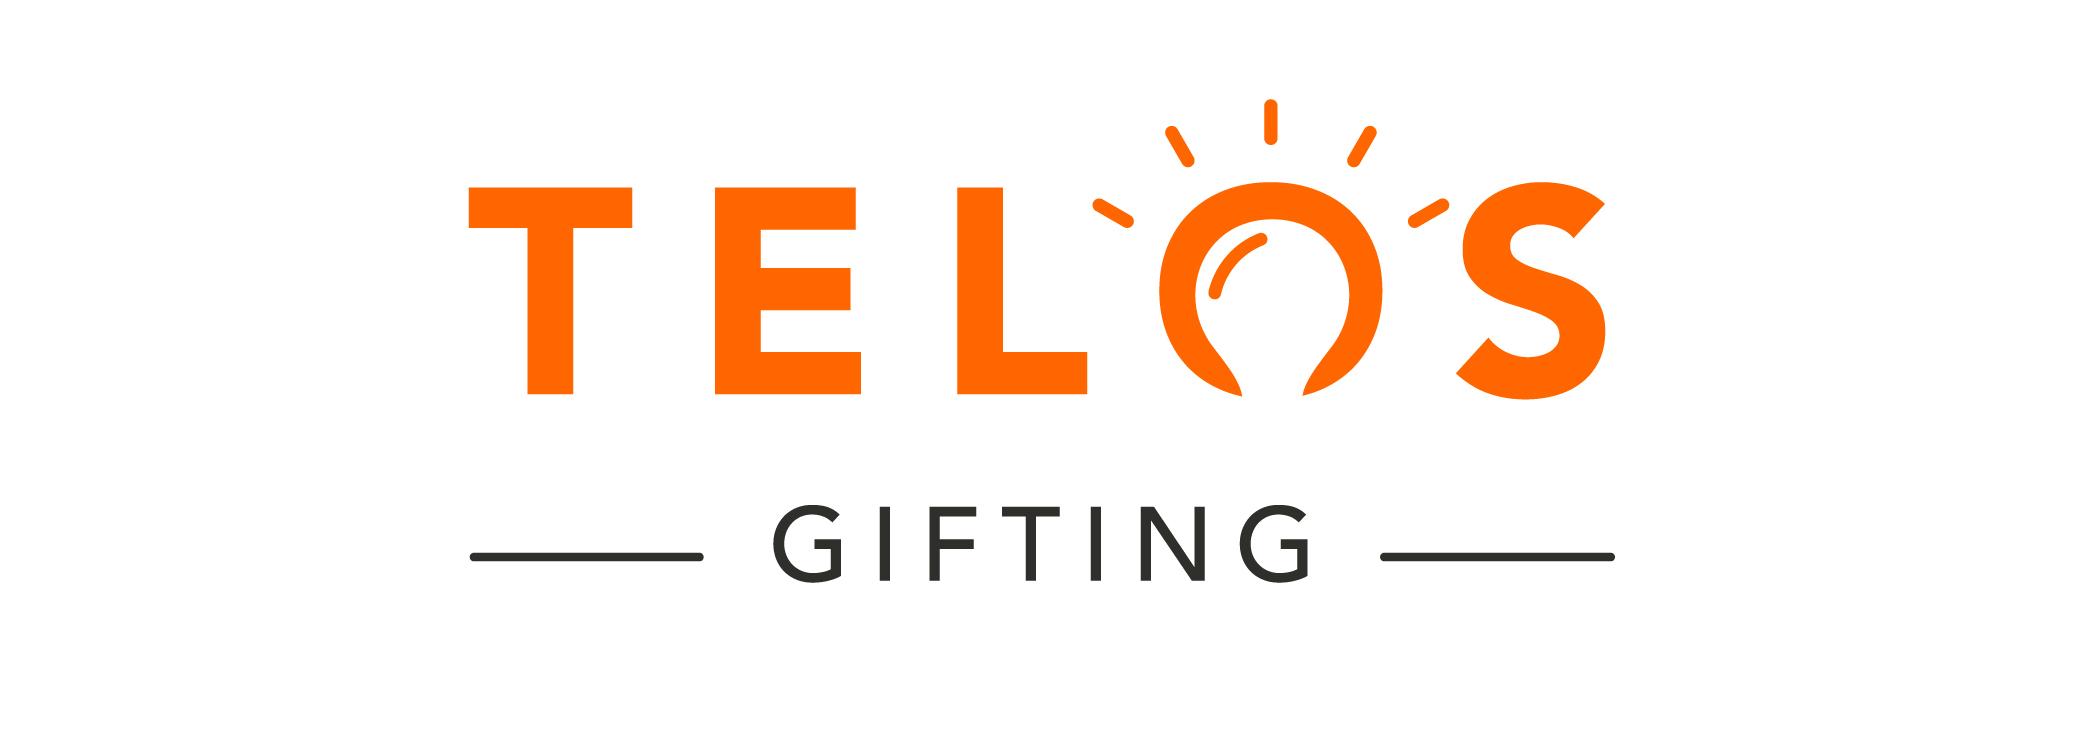 Telos Gifting